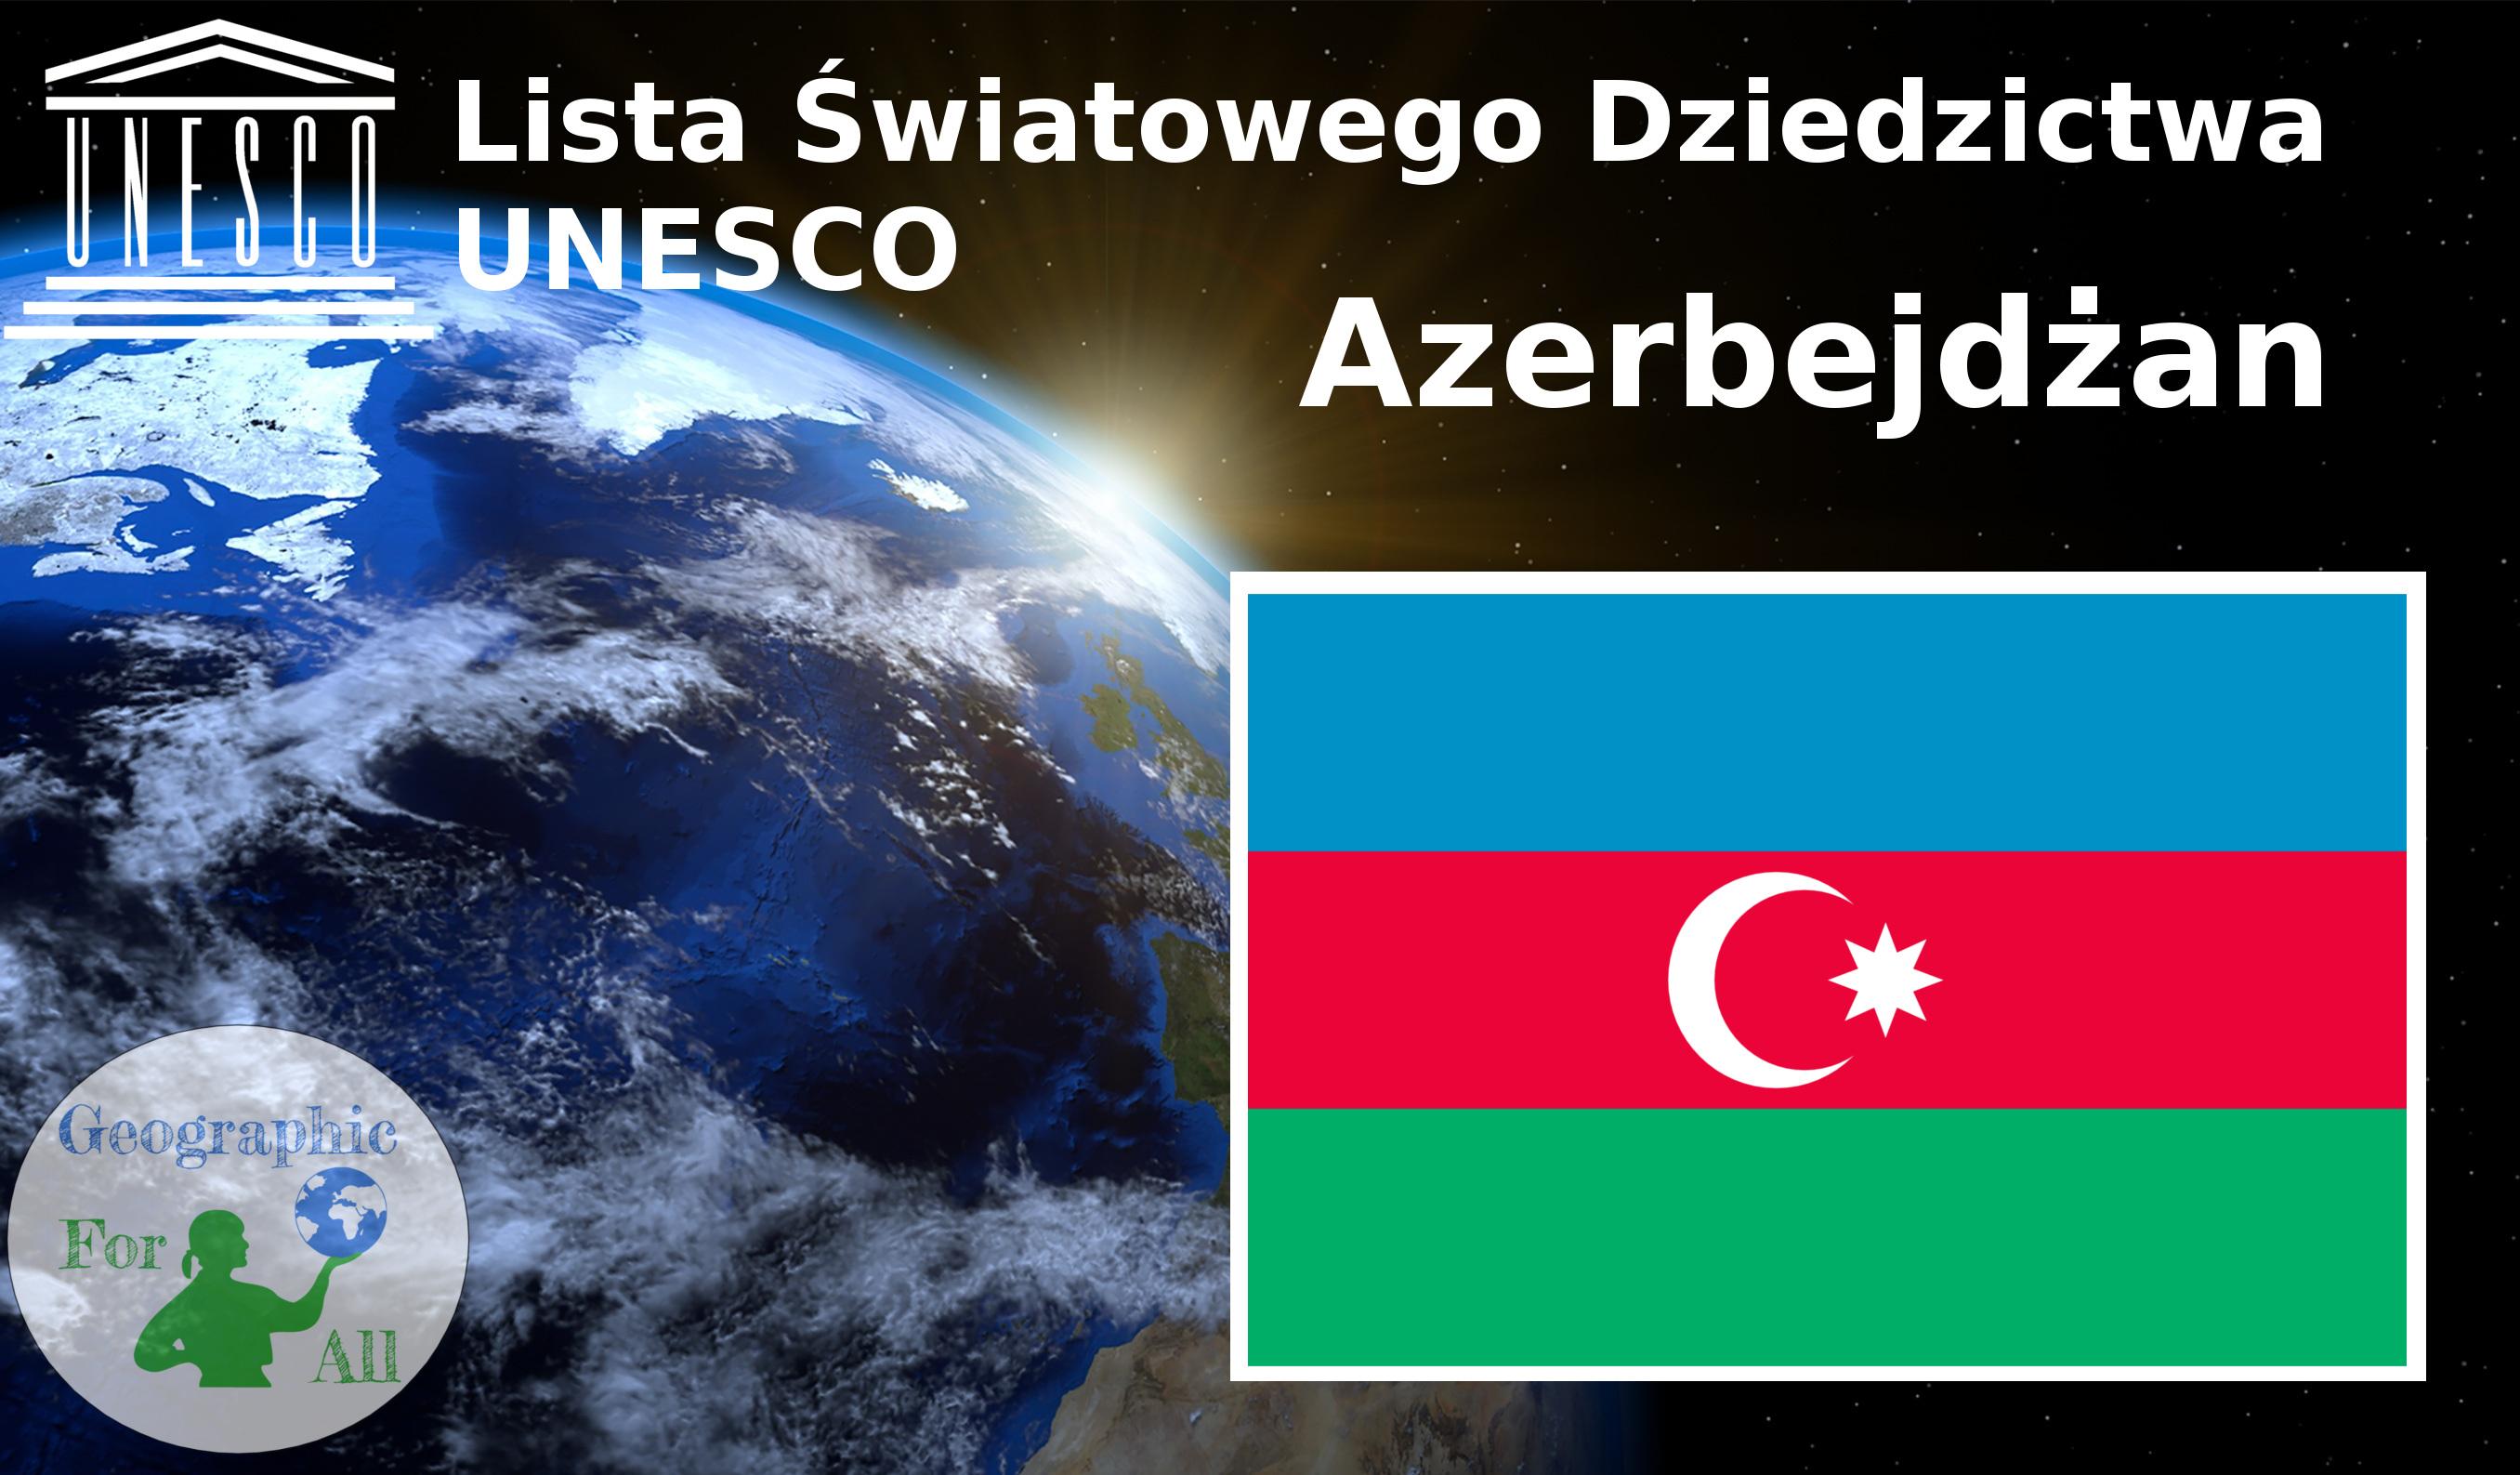 Lista Światowego Dziedzictwa UNESCO Azerbejdżan